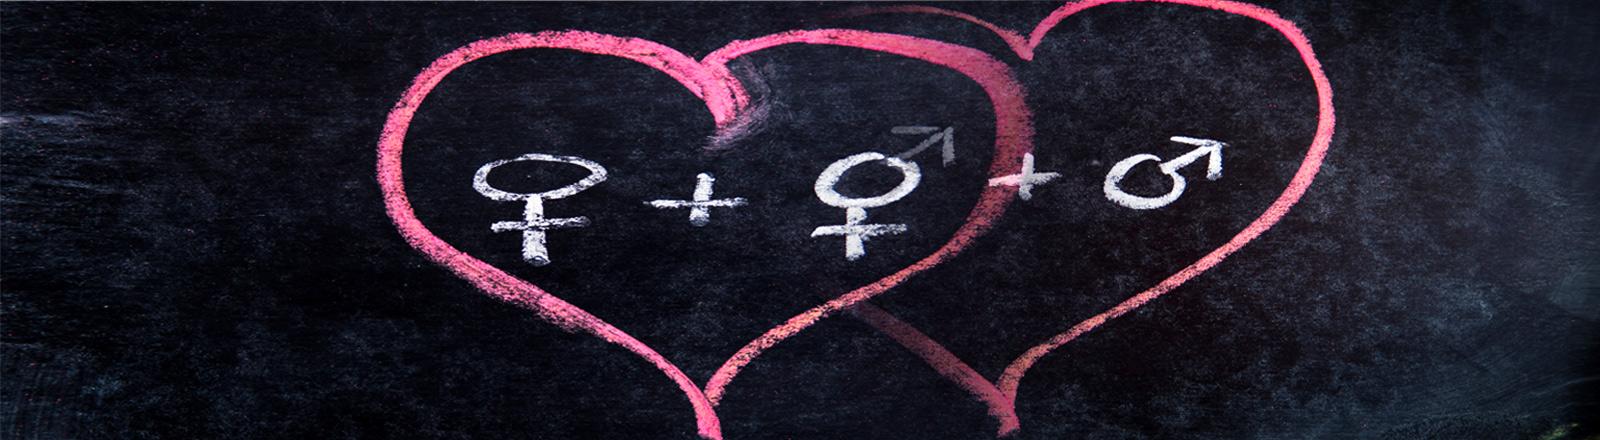 In einander gleitende Herzchen mit Geschlechtersymbolen